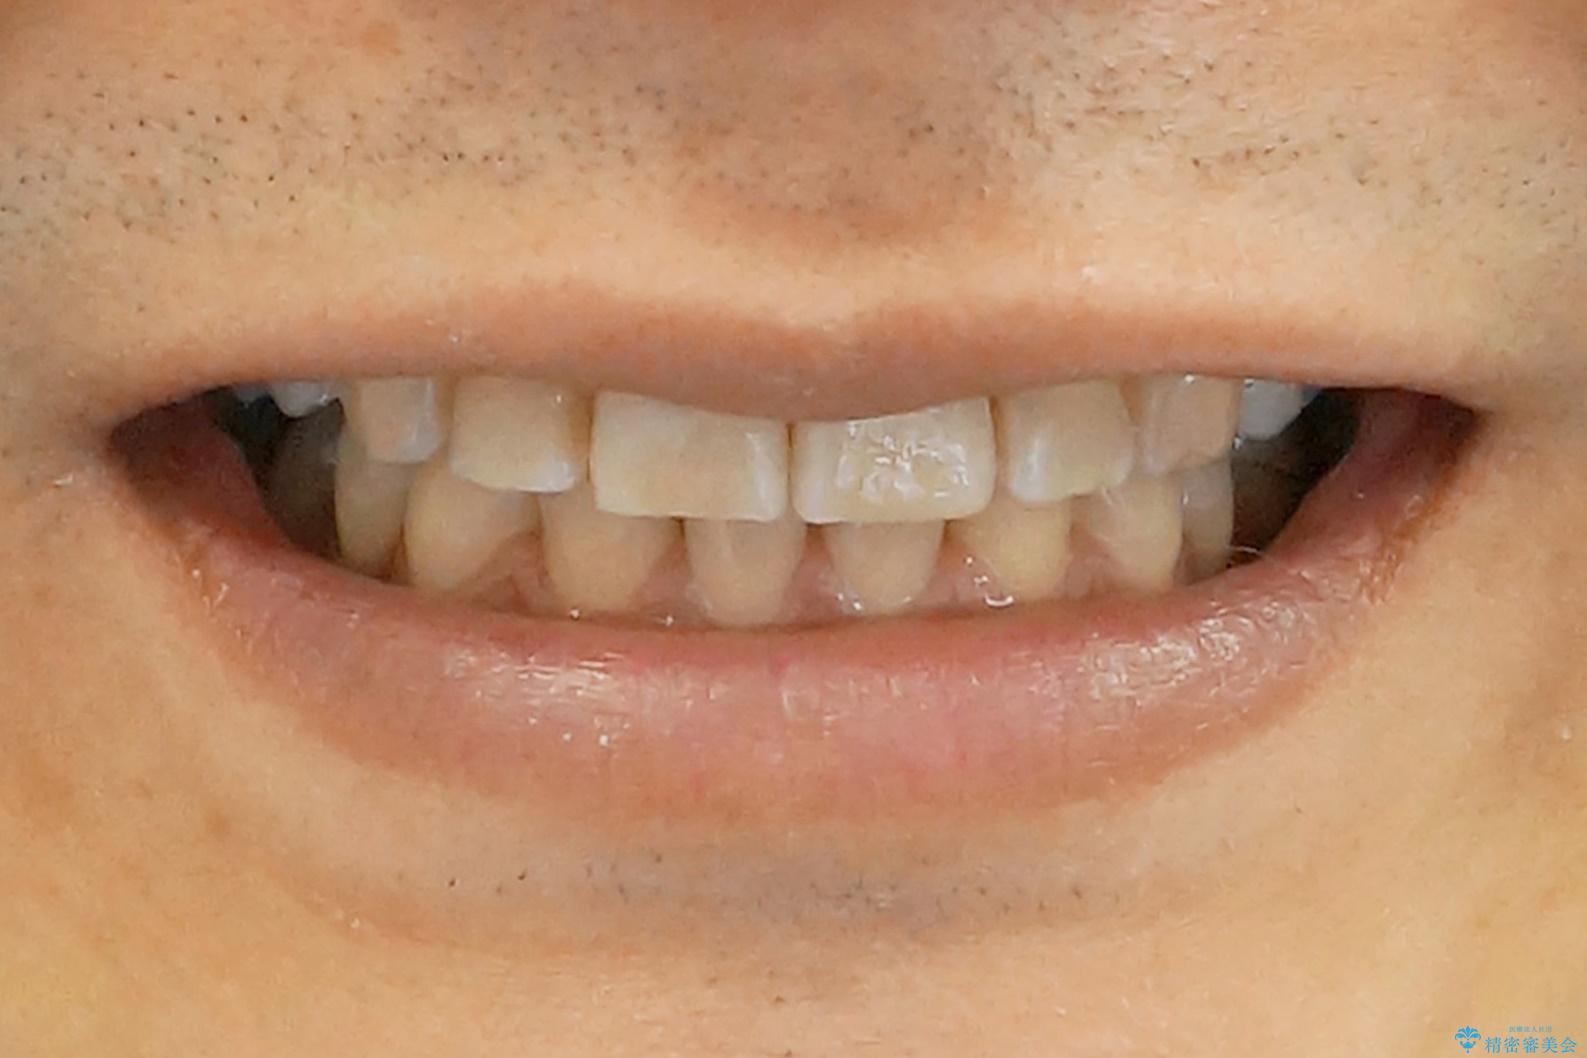 前歯だけ治したい インビザライン・ライト 30代男性の治療後(顔貌)